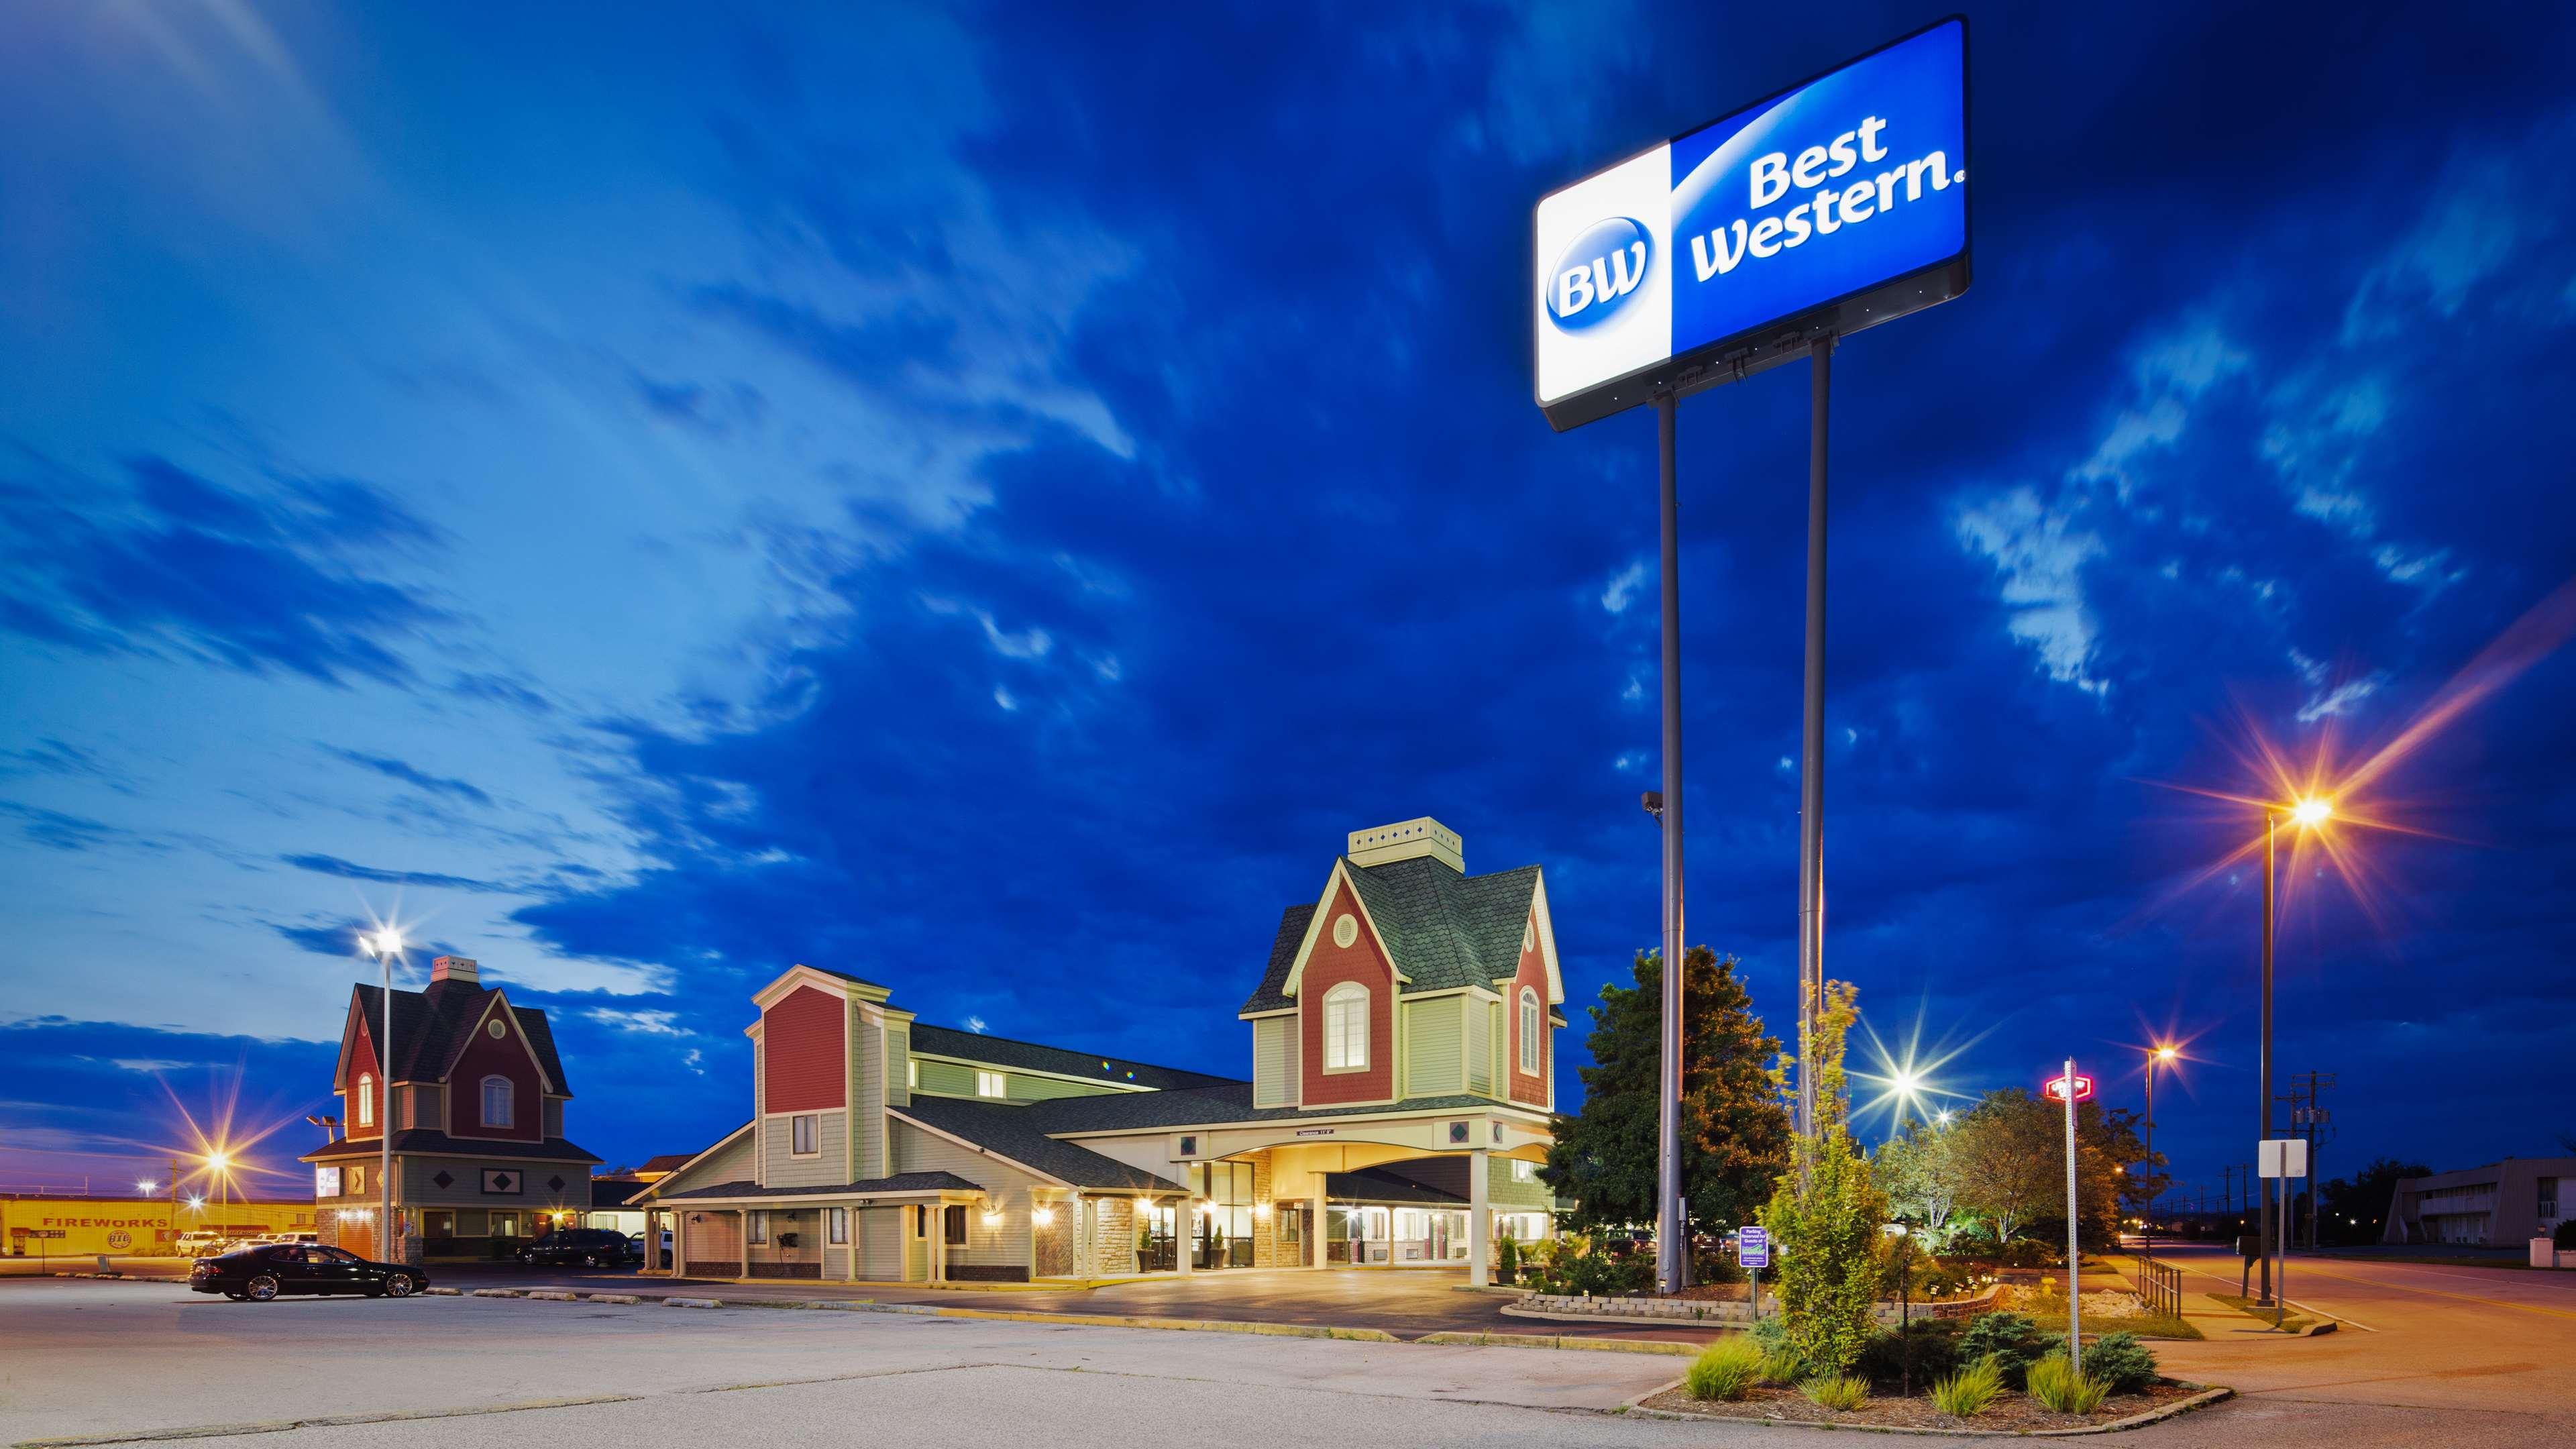 Best Western Green Tree Inn image 2